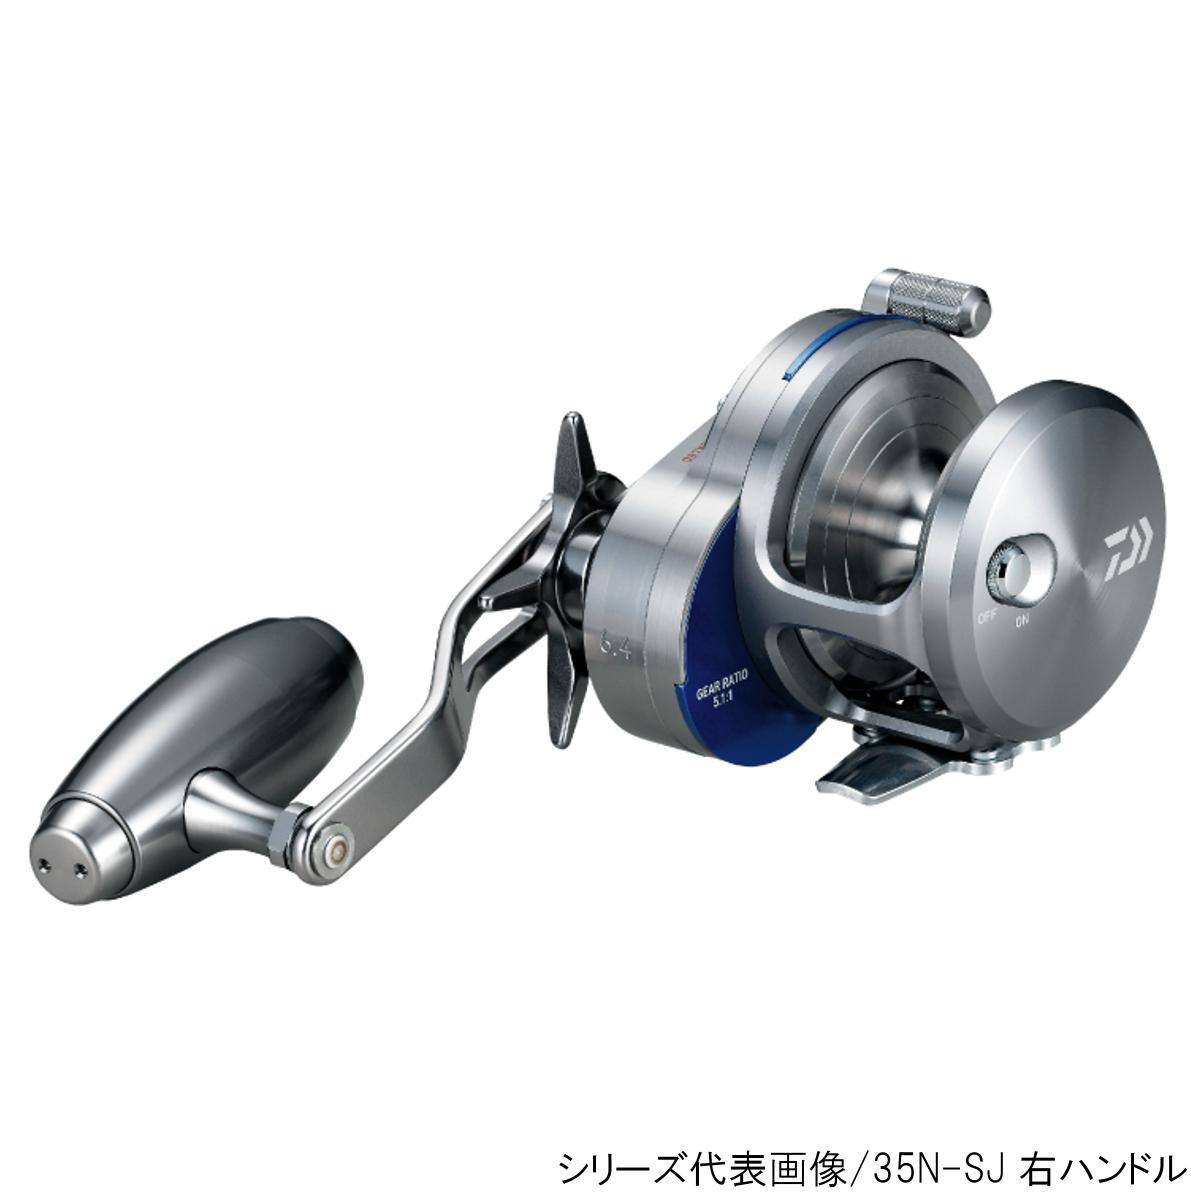 ダイワ ソルティガ(ベイトキャスティングモデル) 35NHL-SJ 左ハンドル(東日本店)【同梱不可】